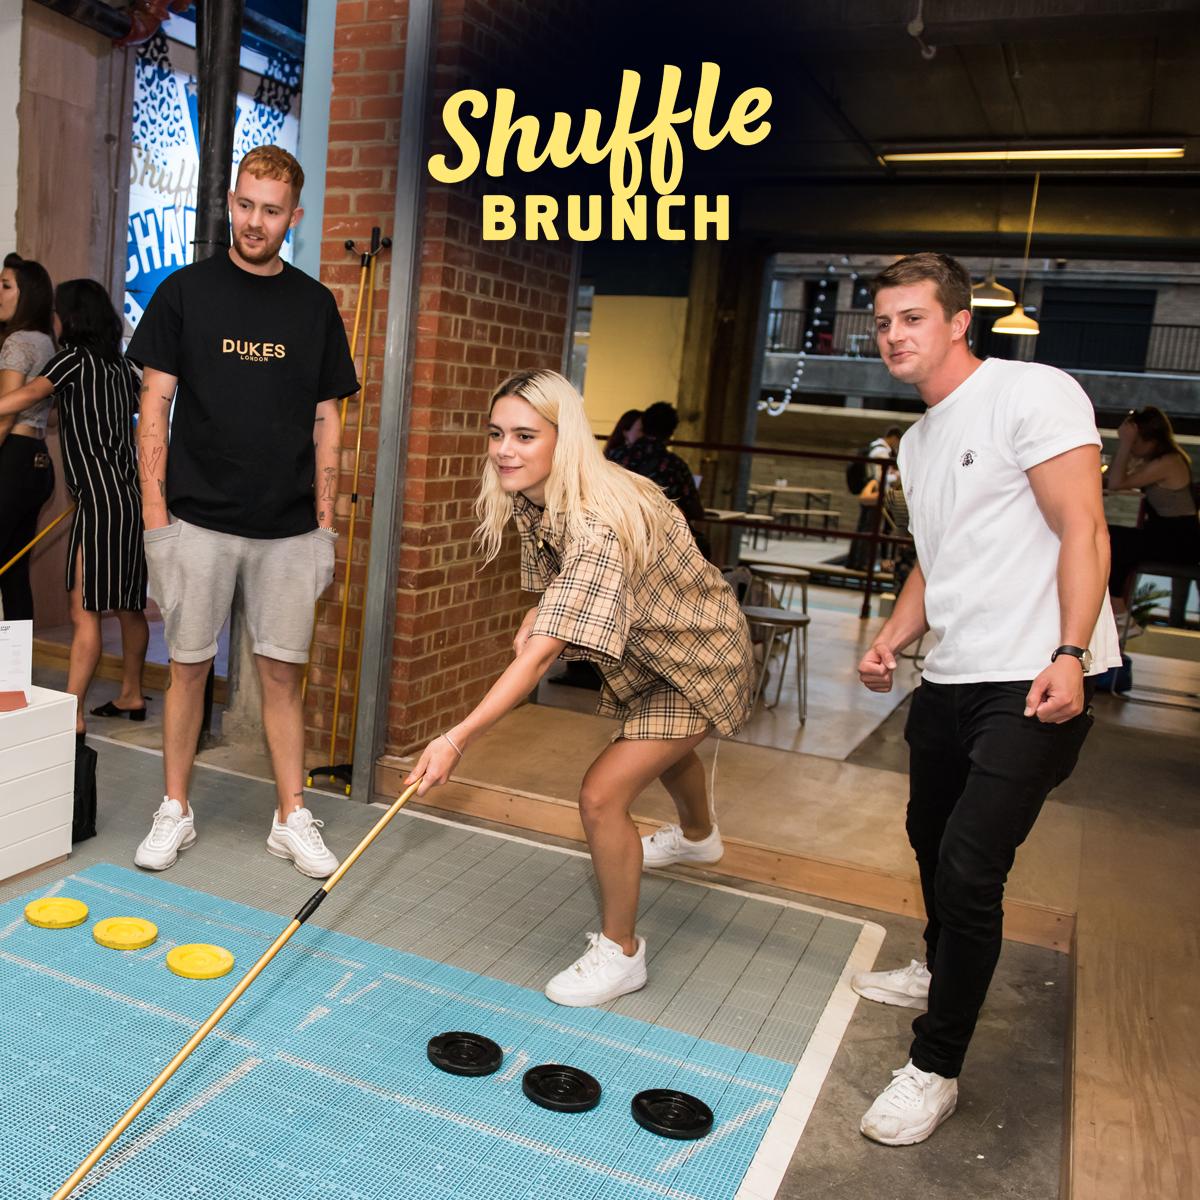 shuffle-brunch-1200.png